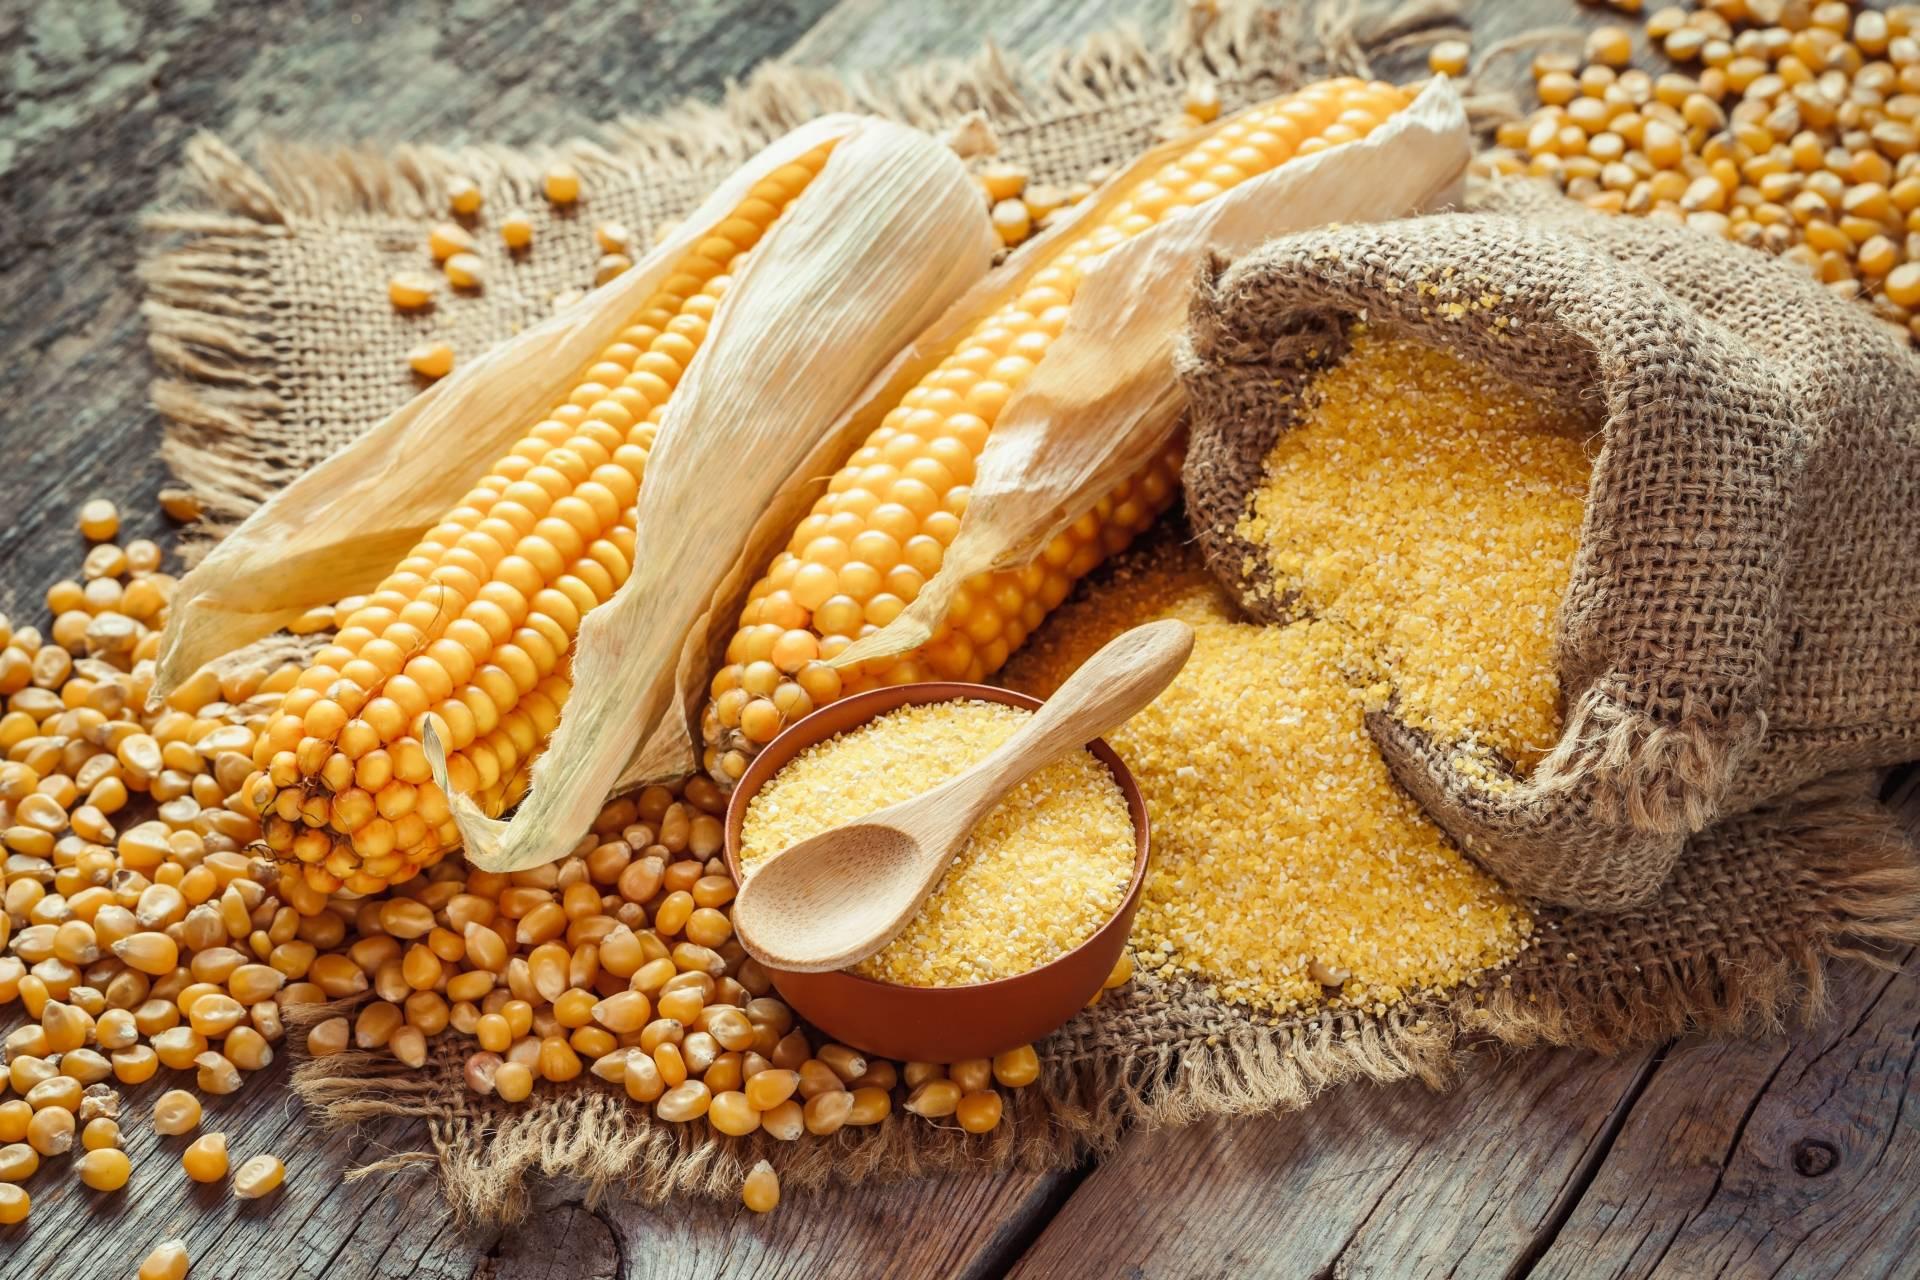 Mąka kukurydziana bez glutenu i ziarna kukurydzy w woreczkach i miseczkach. Obok leżą dwie kolby kukurydzy.